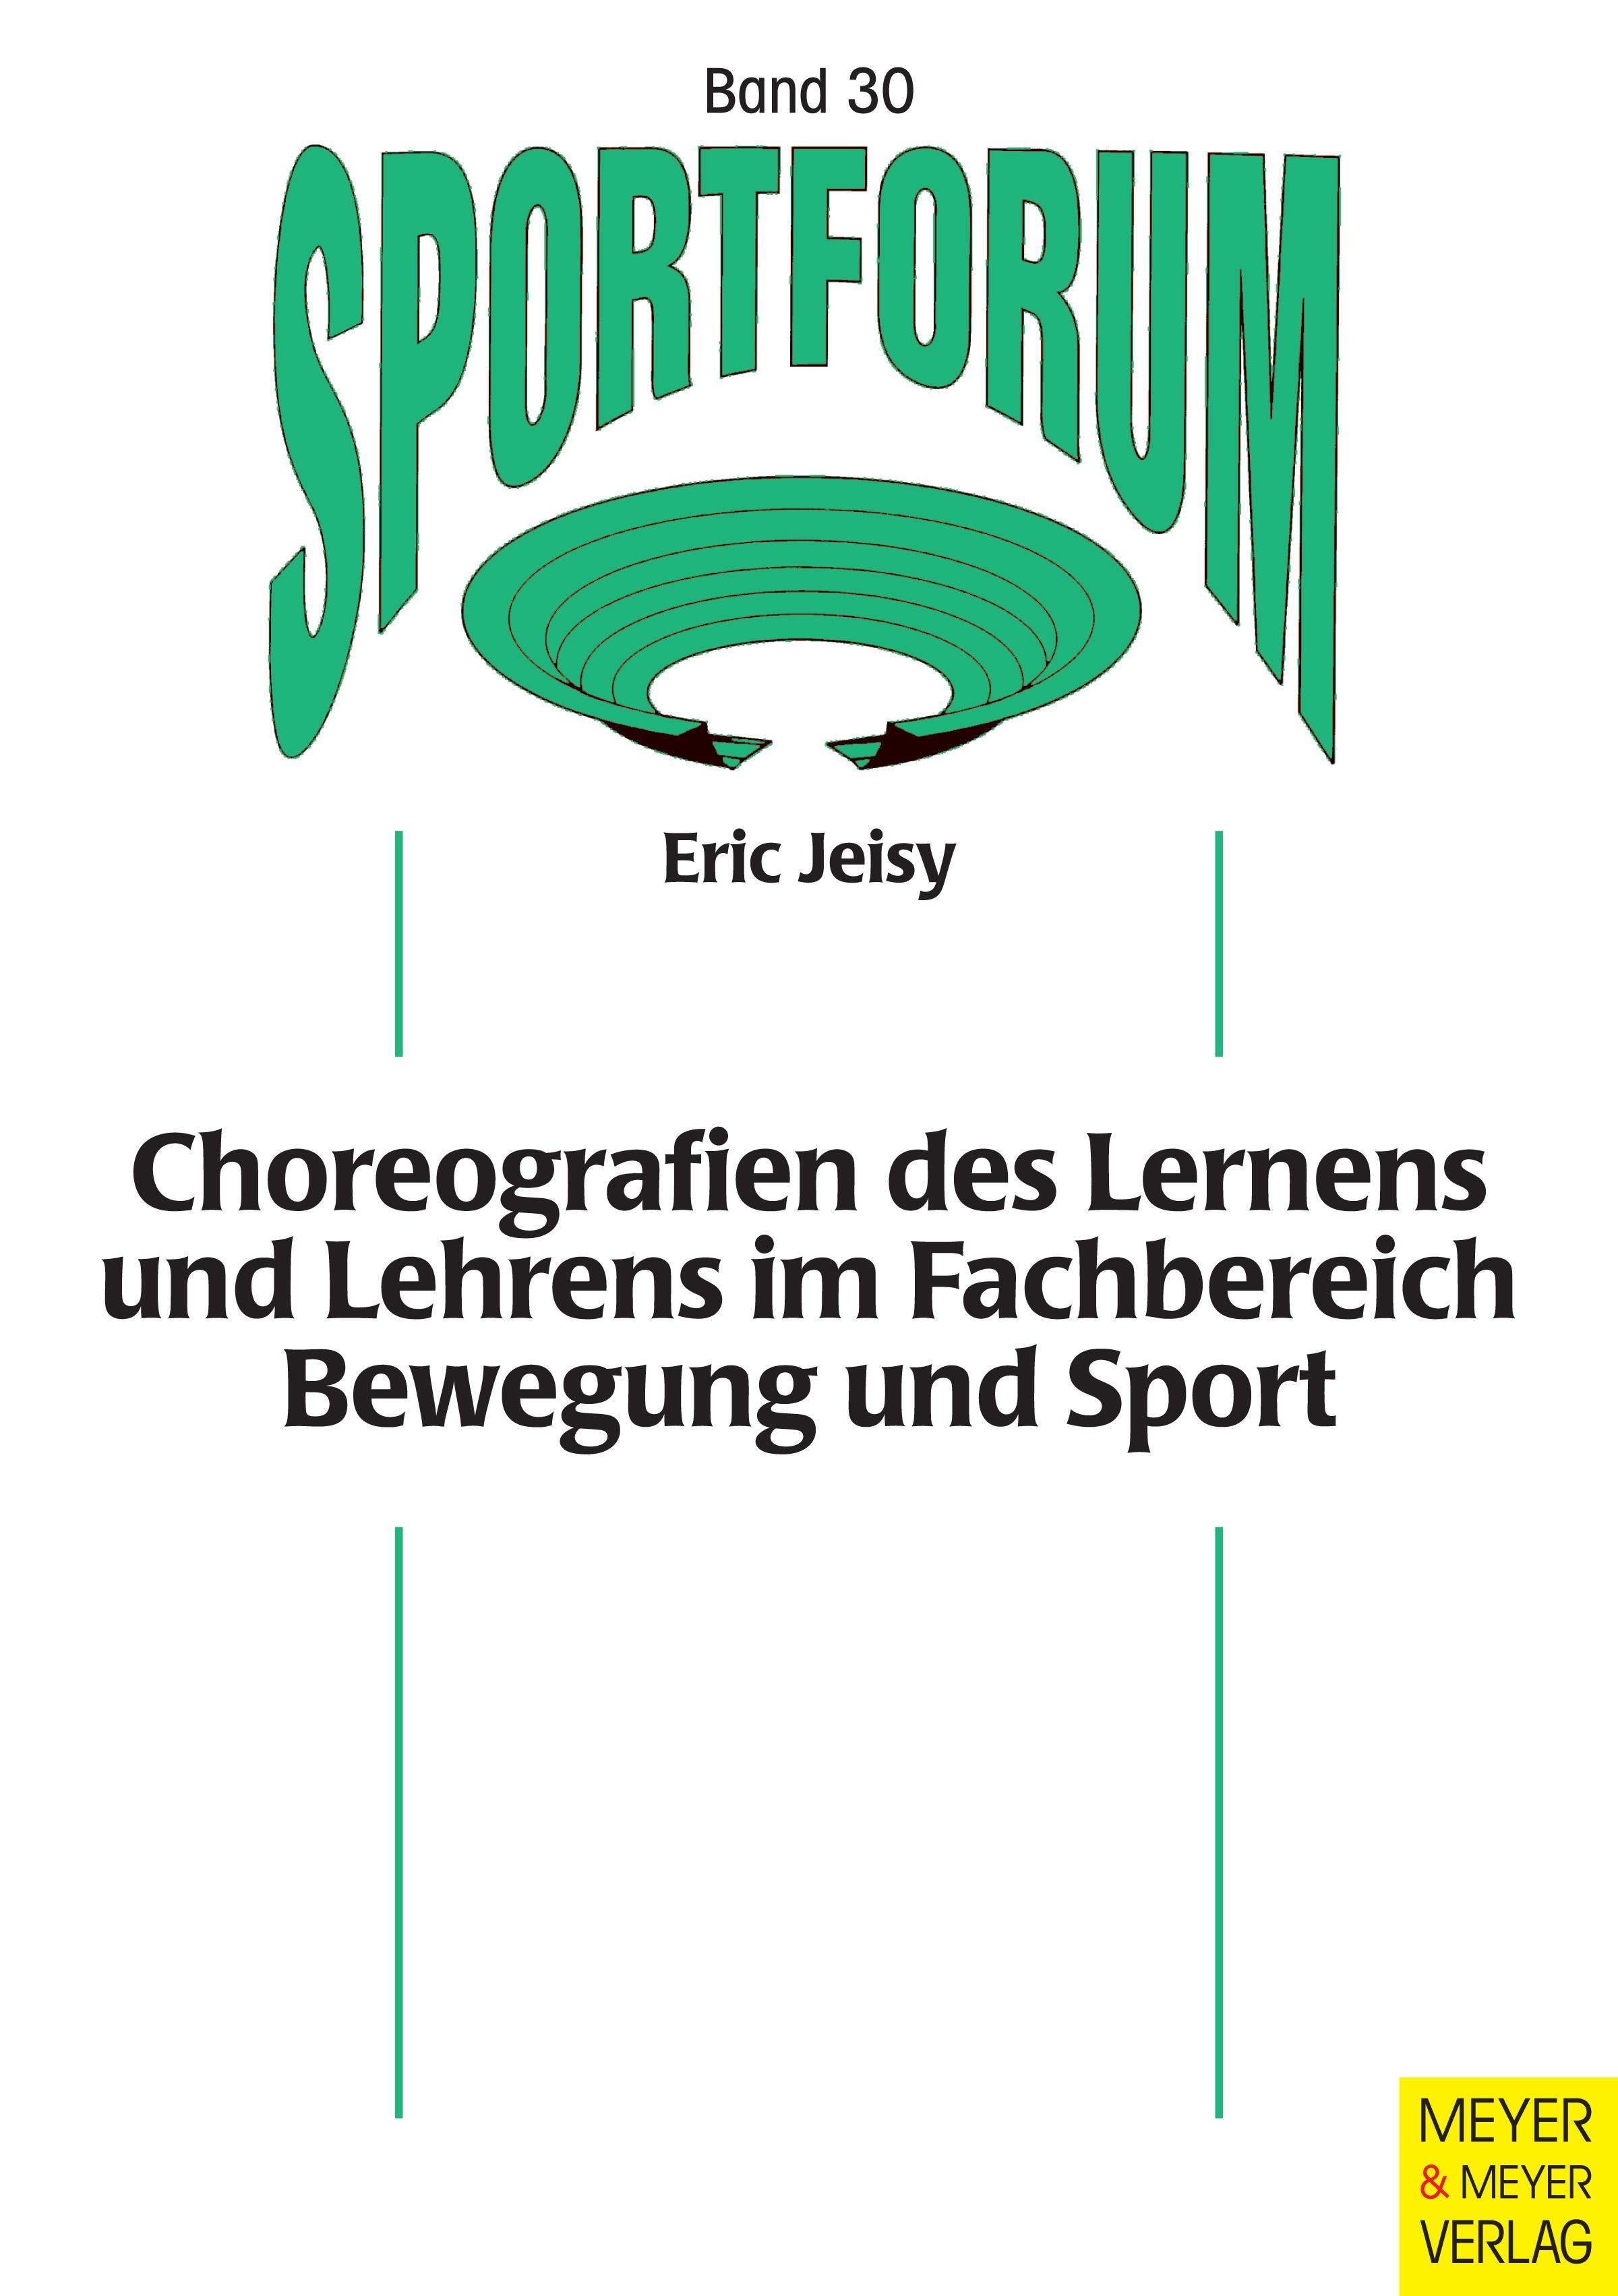 Eric Jeisy Choreografien des Lernens und Lehrens im Fachbereich Bewegung und Sport